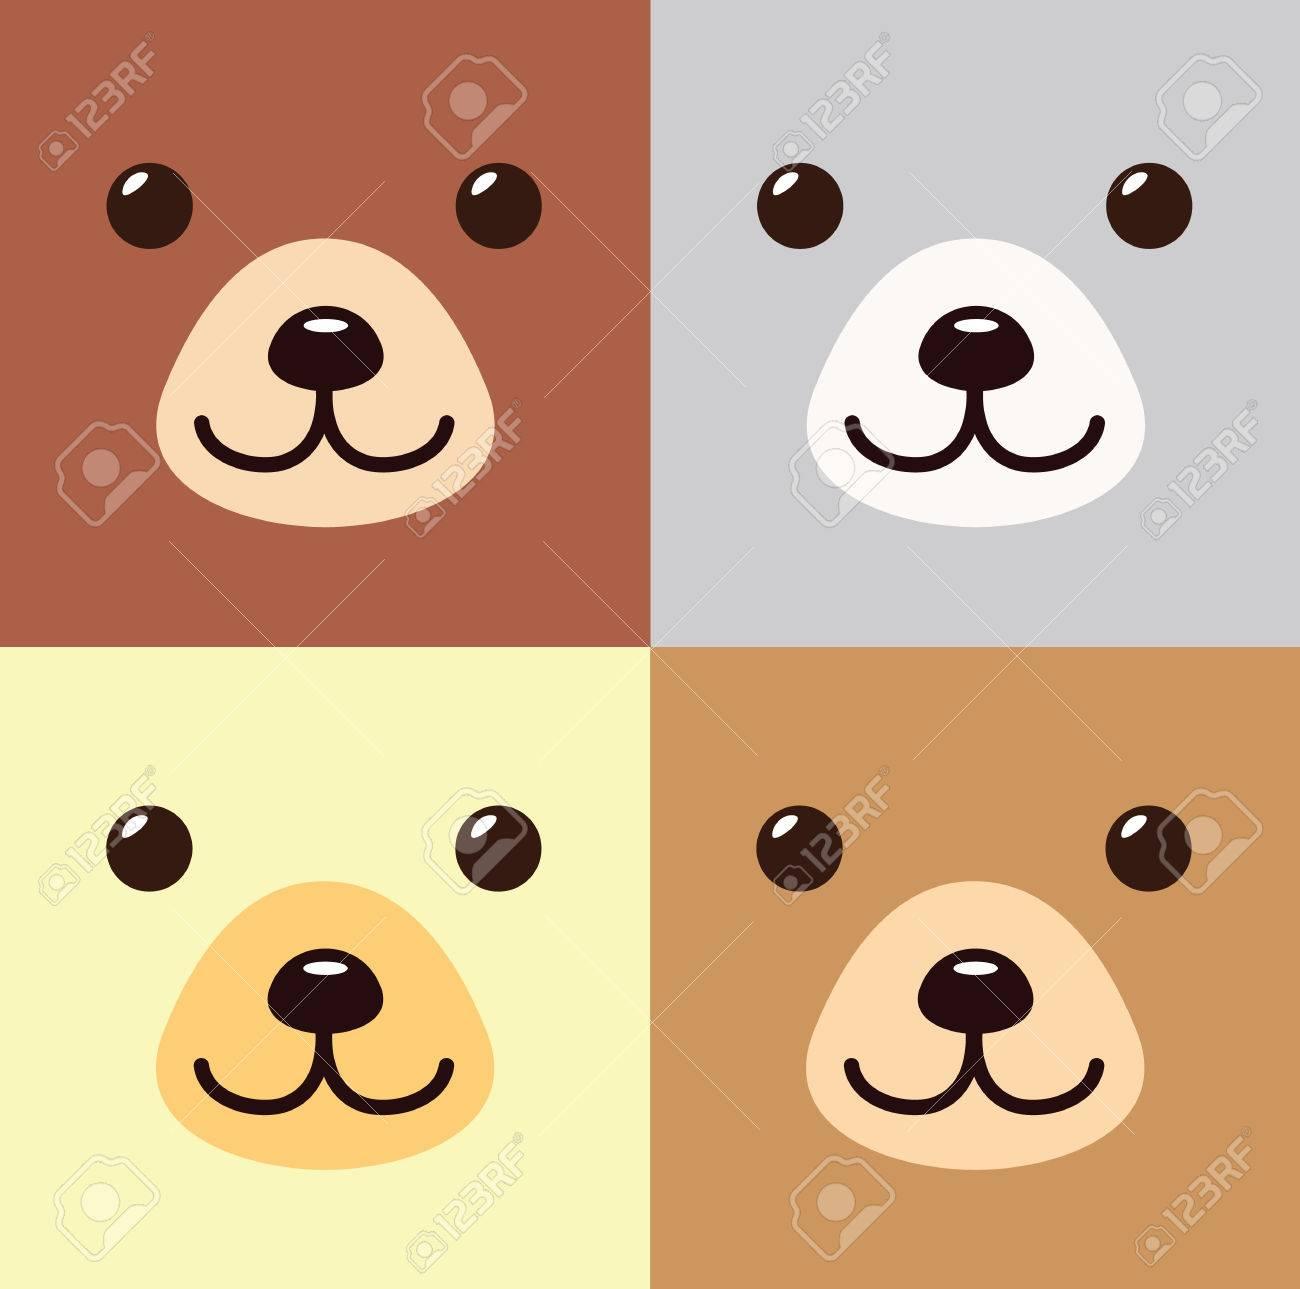 Kawaii Ours Dessin Animé Dans Différentes Couleurs Septembre Mignon Icône Animal Ours Plat Isolé Illustration Vectorielle Stock